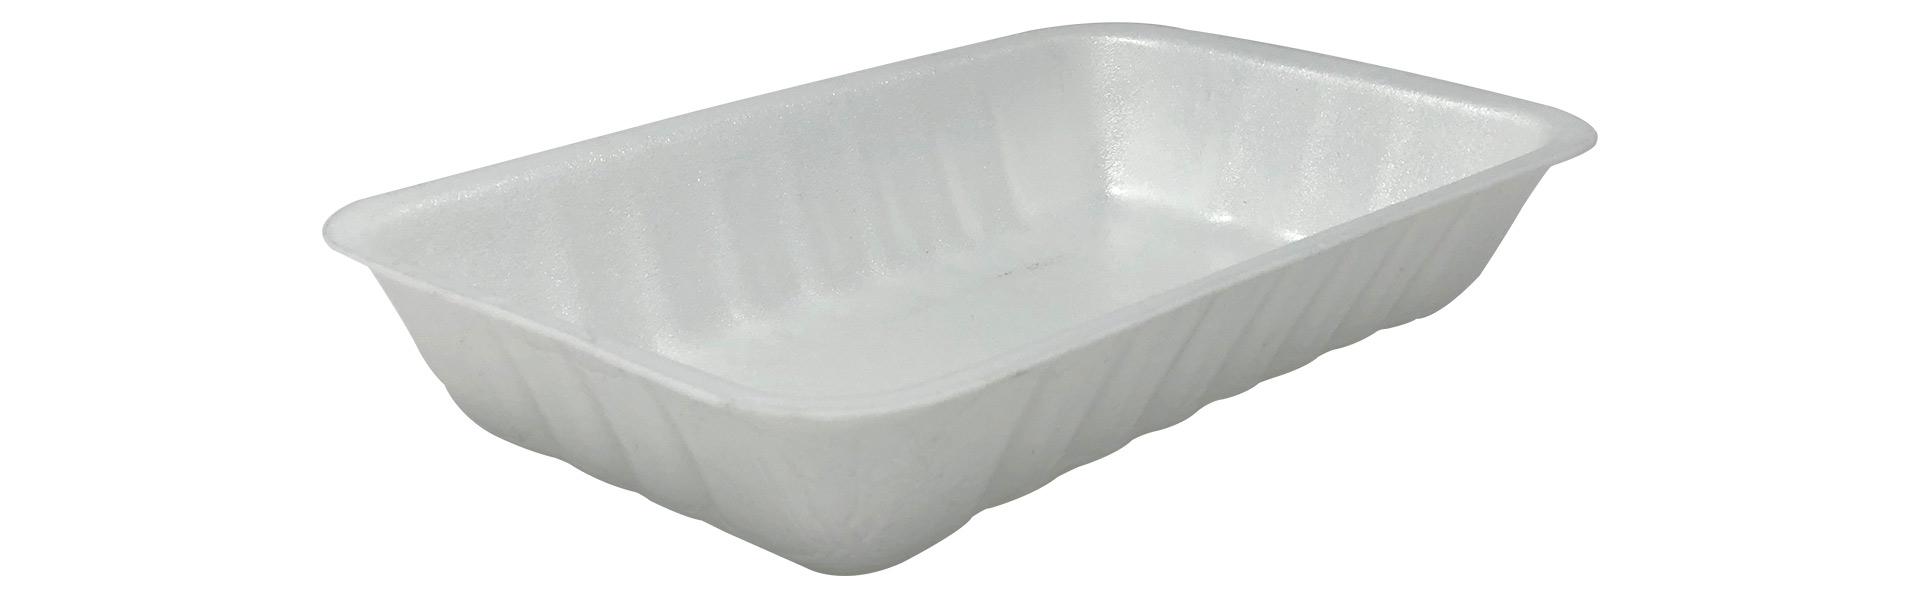 Foamed pet trays